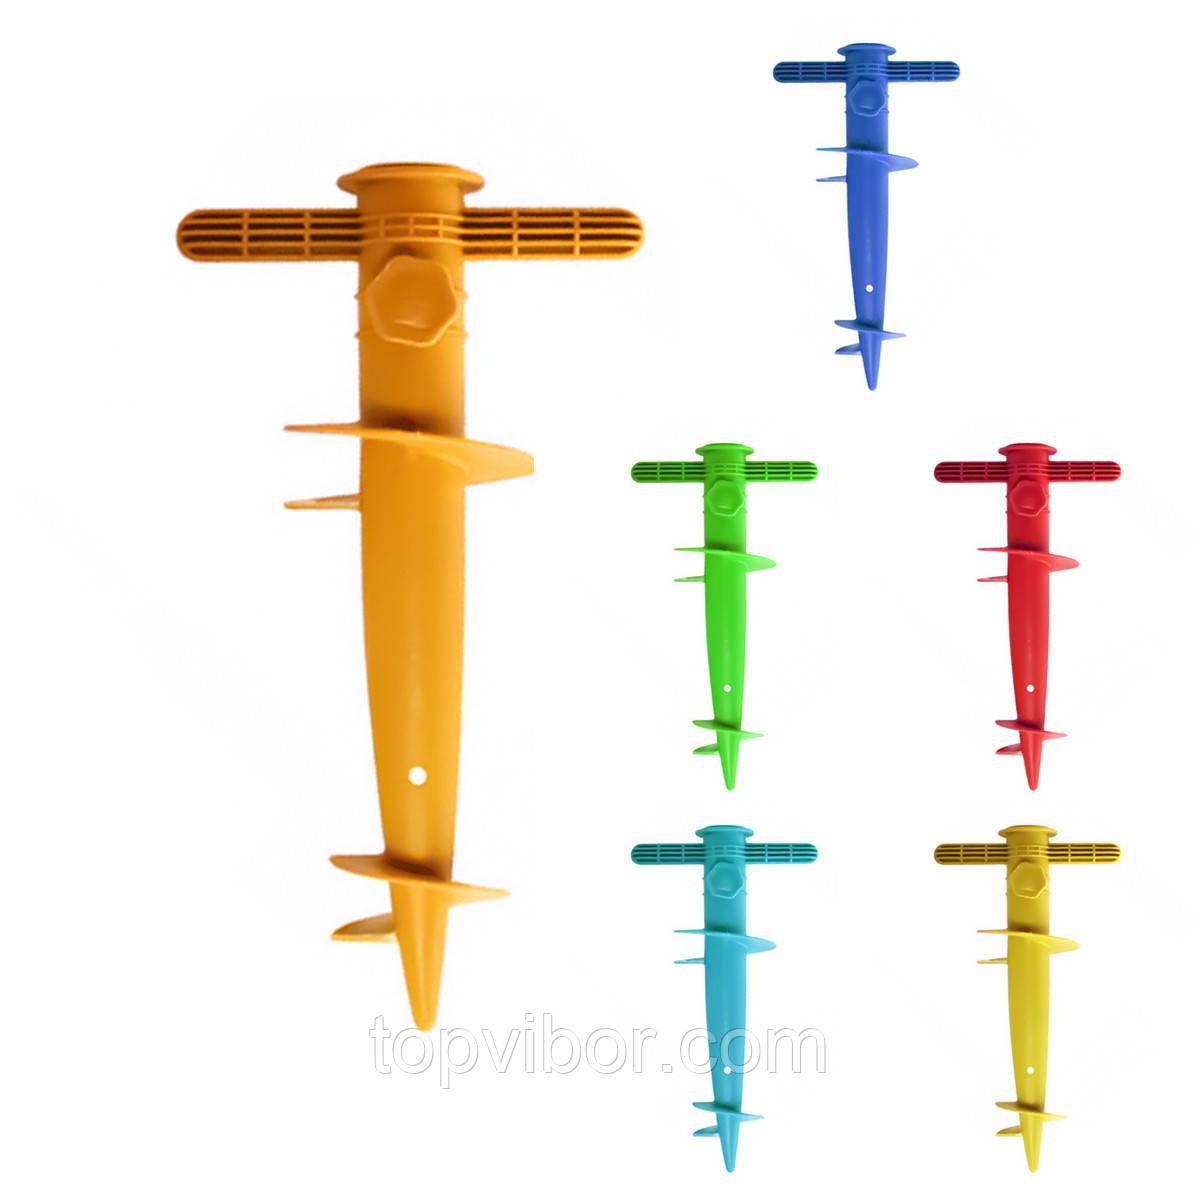 Подставка для пляжного зонта Stenson Jo-1273 30см (Оранжевый), бур ручной для пляжного зонта (VT)